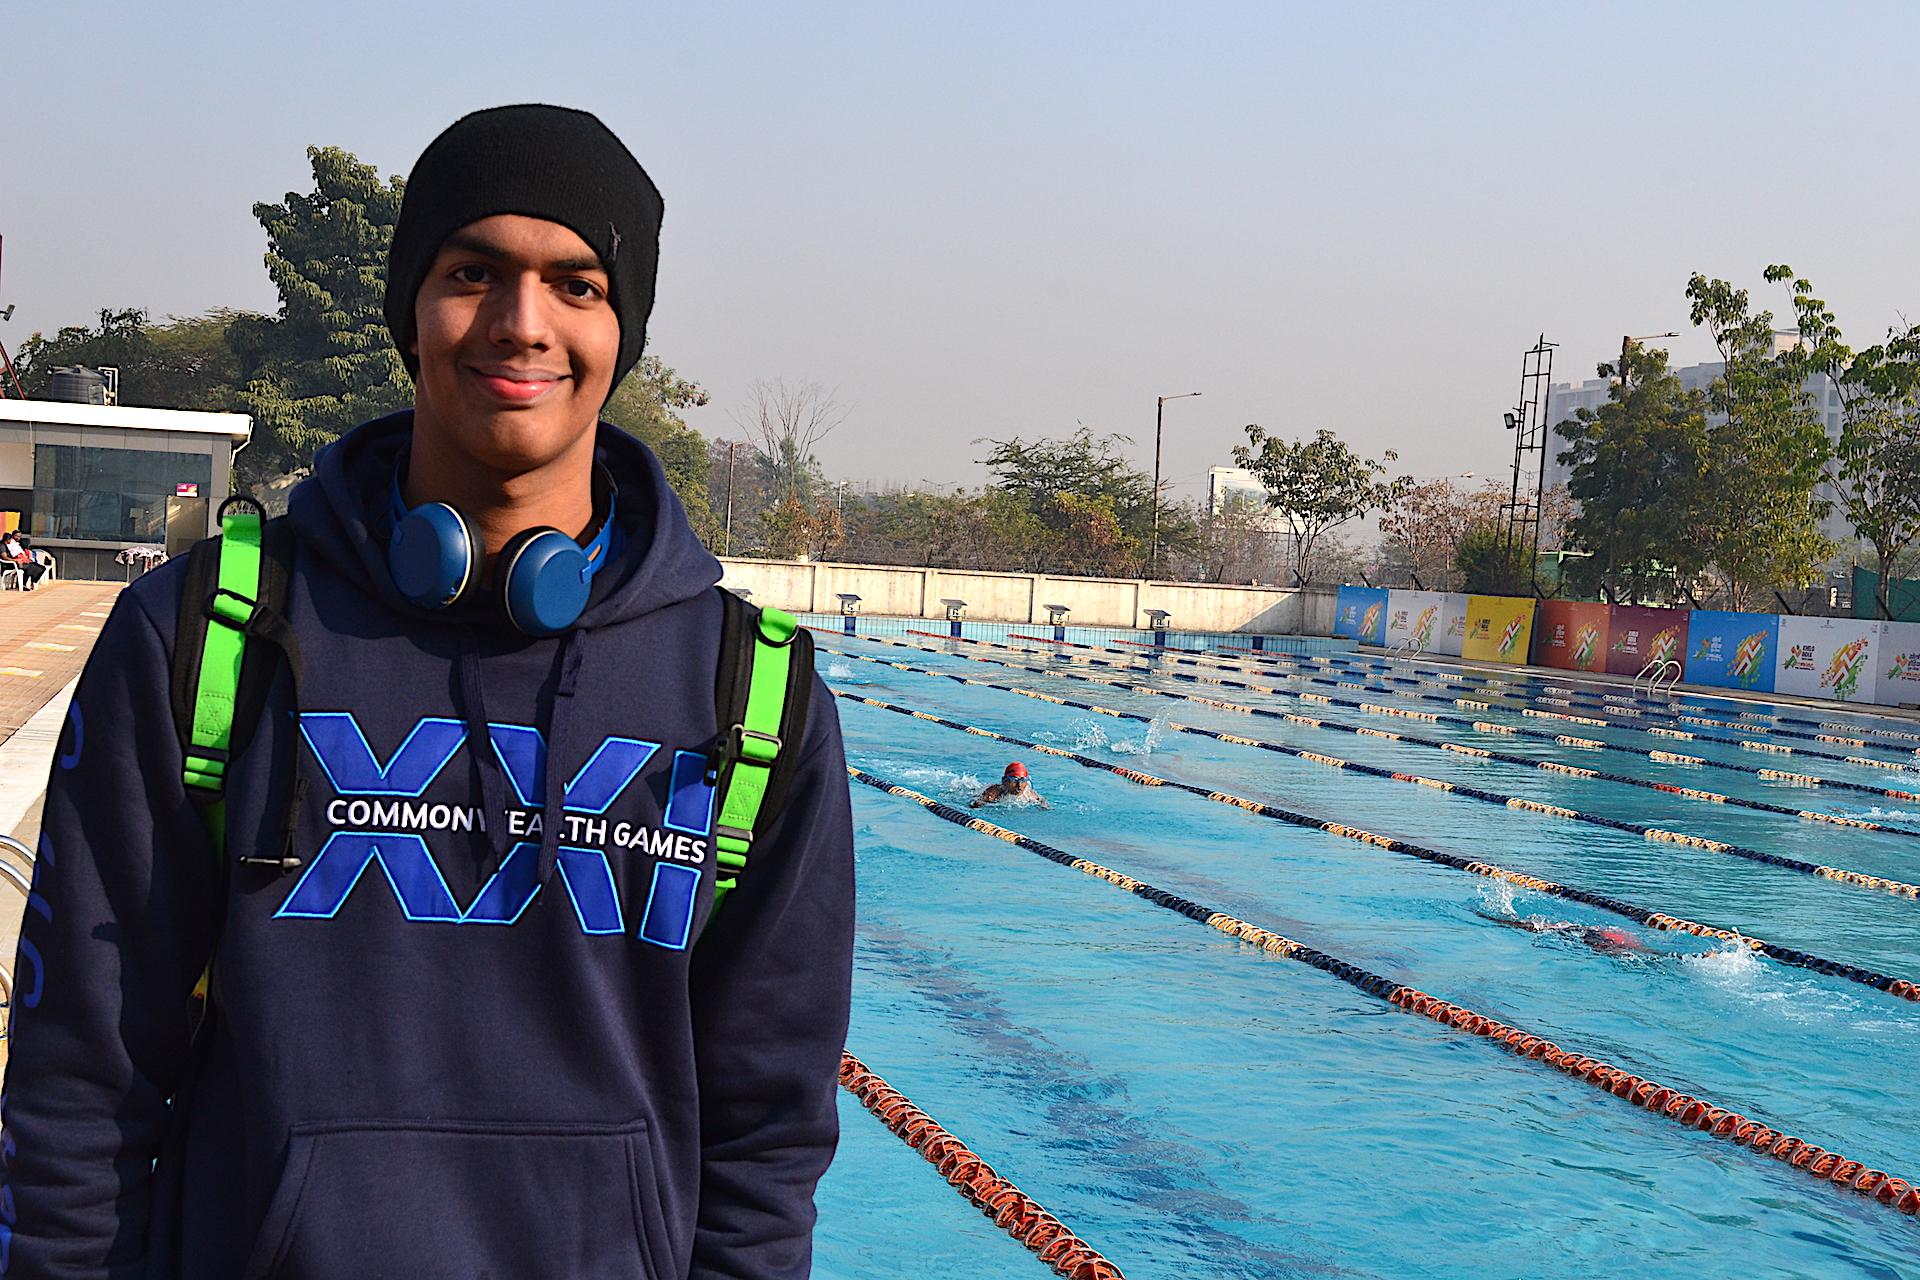 kiyg-swimming-srihari-nataraj-1547624883.JPG